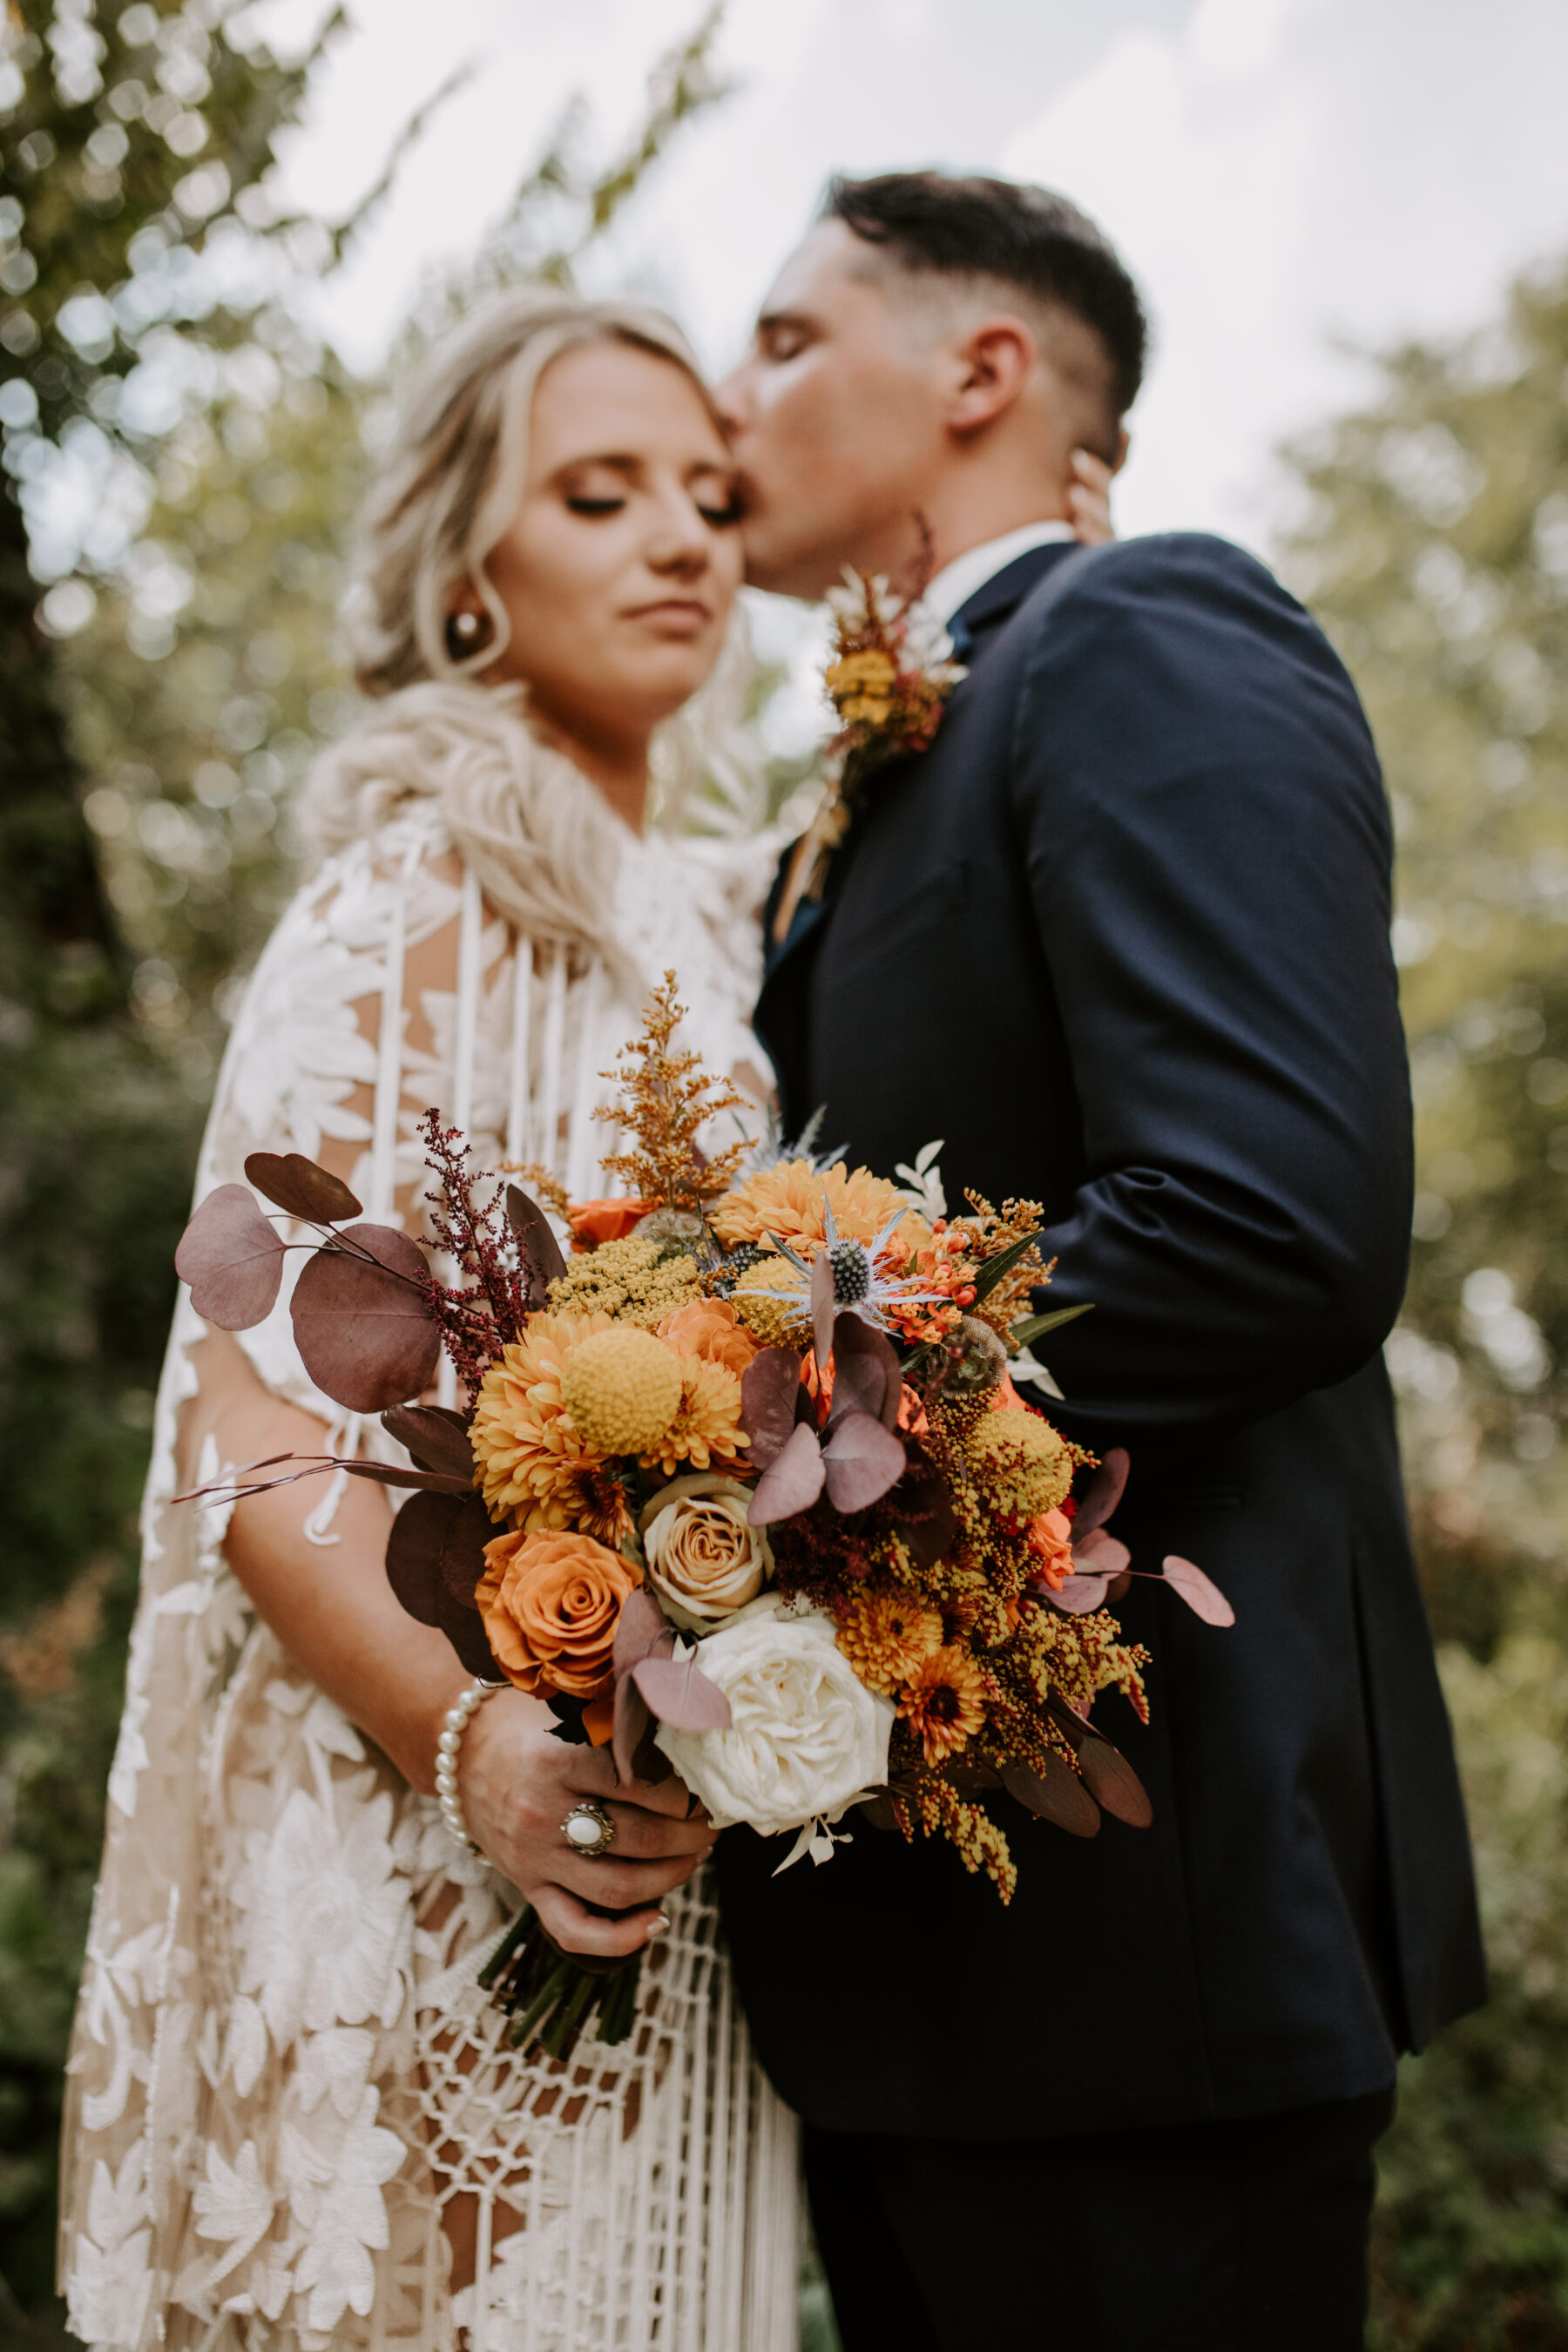 Farm style wedding at Meadow Hill Farm